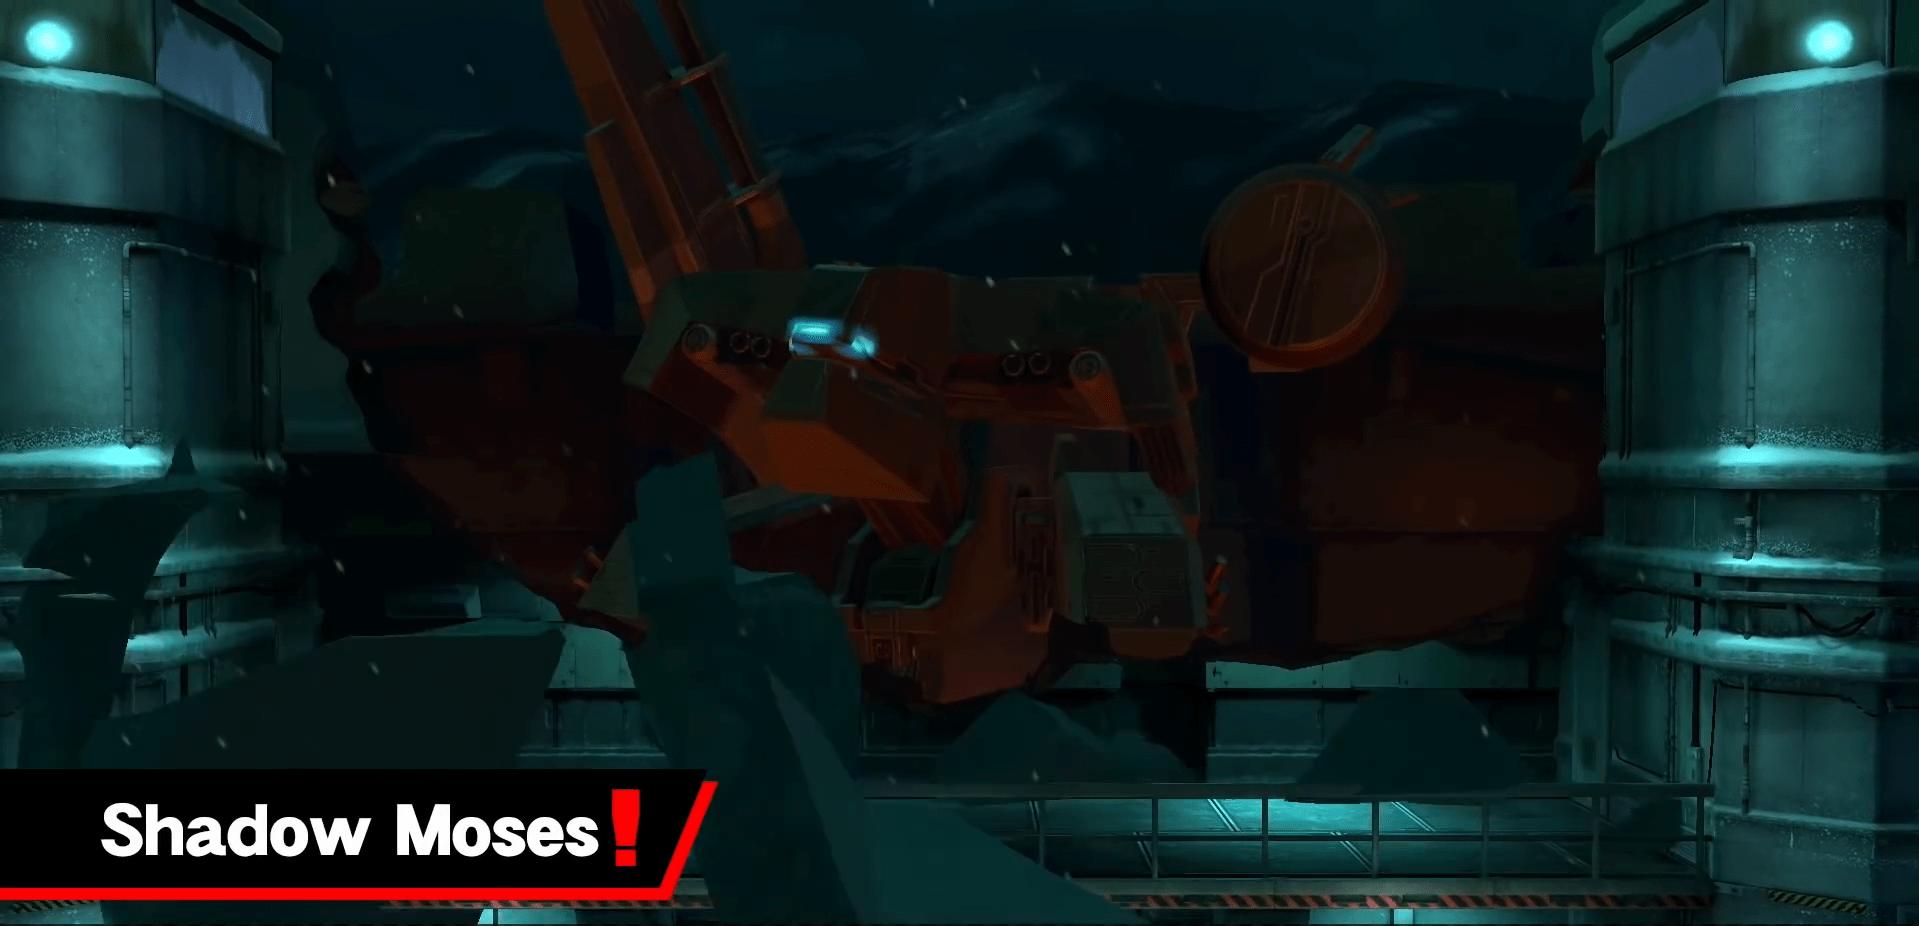 Super Smash Bros ultimate nintendo direct escenario 2